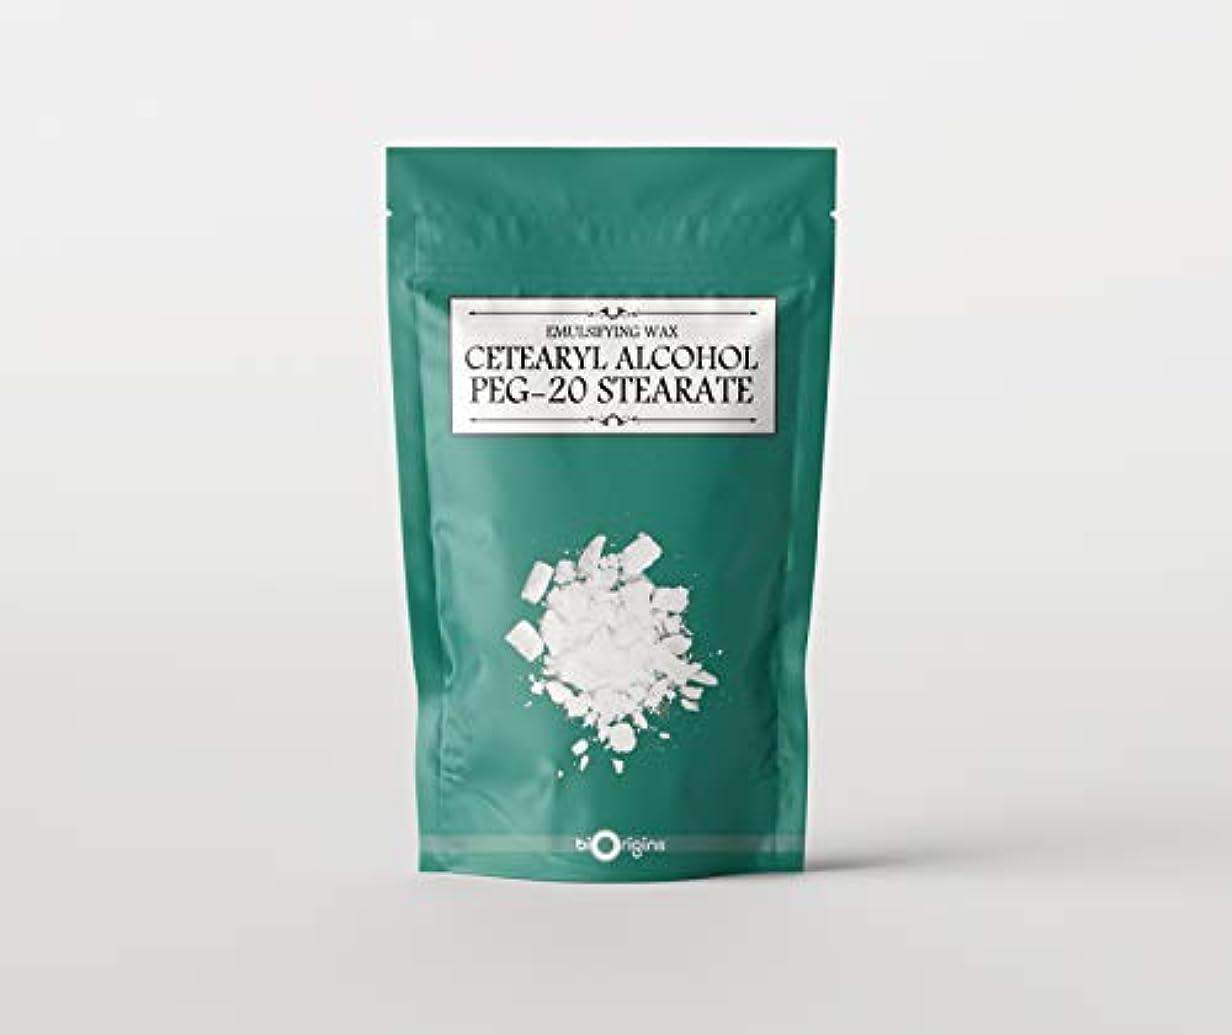 平らな中に回想Emulsifying Wax (Cetearyl Alcohol/PEG-20 Stearate) 5Kg